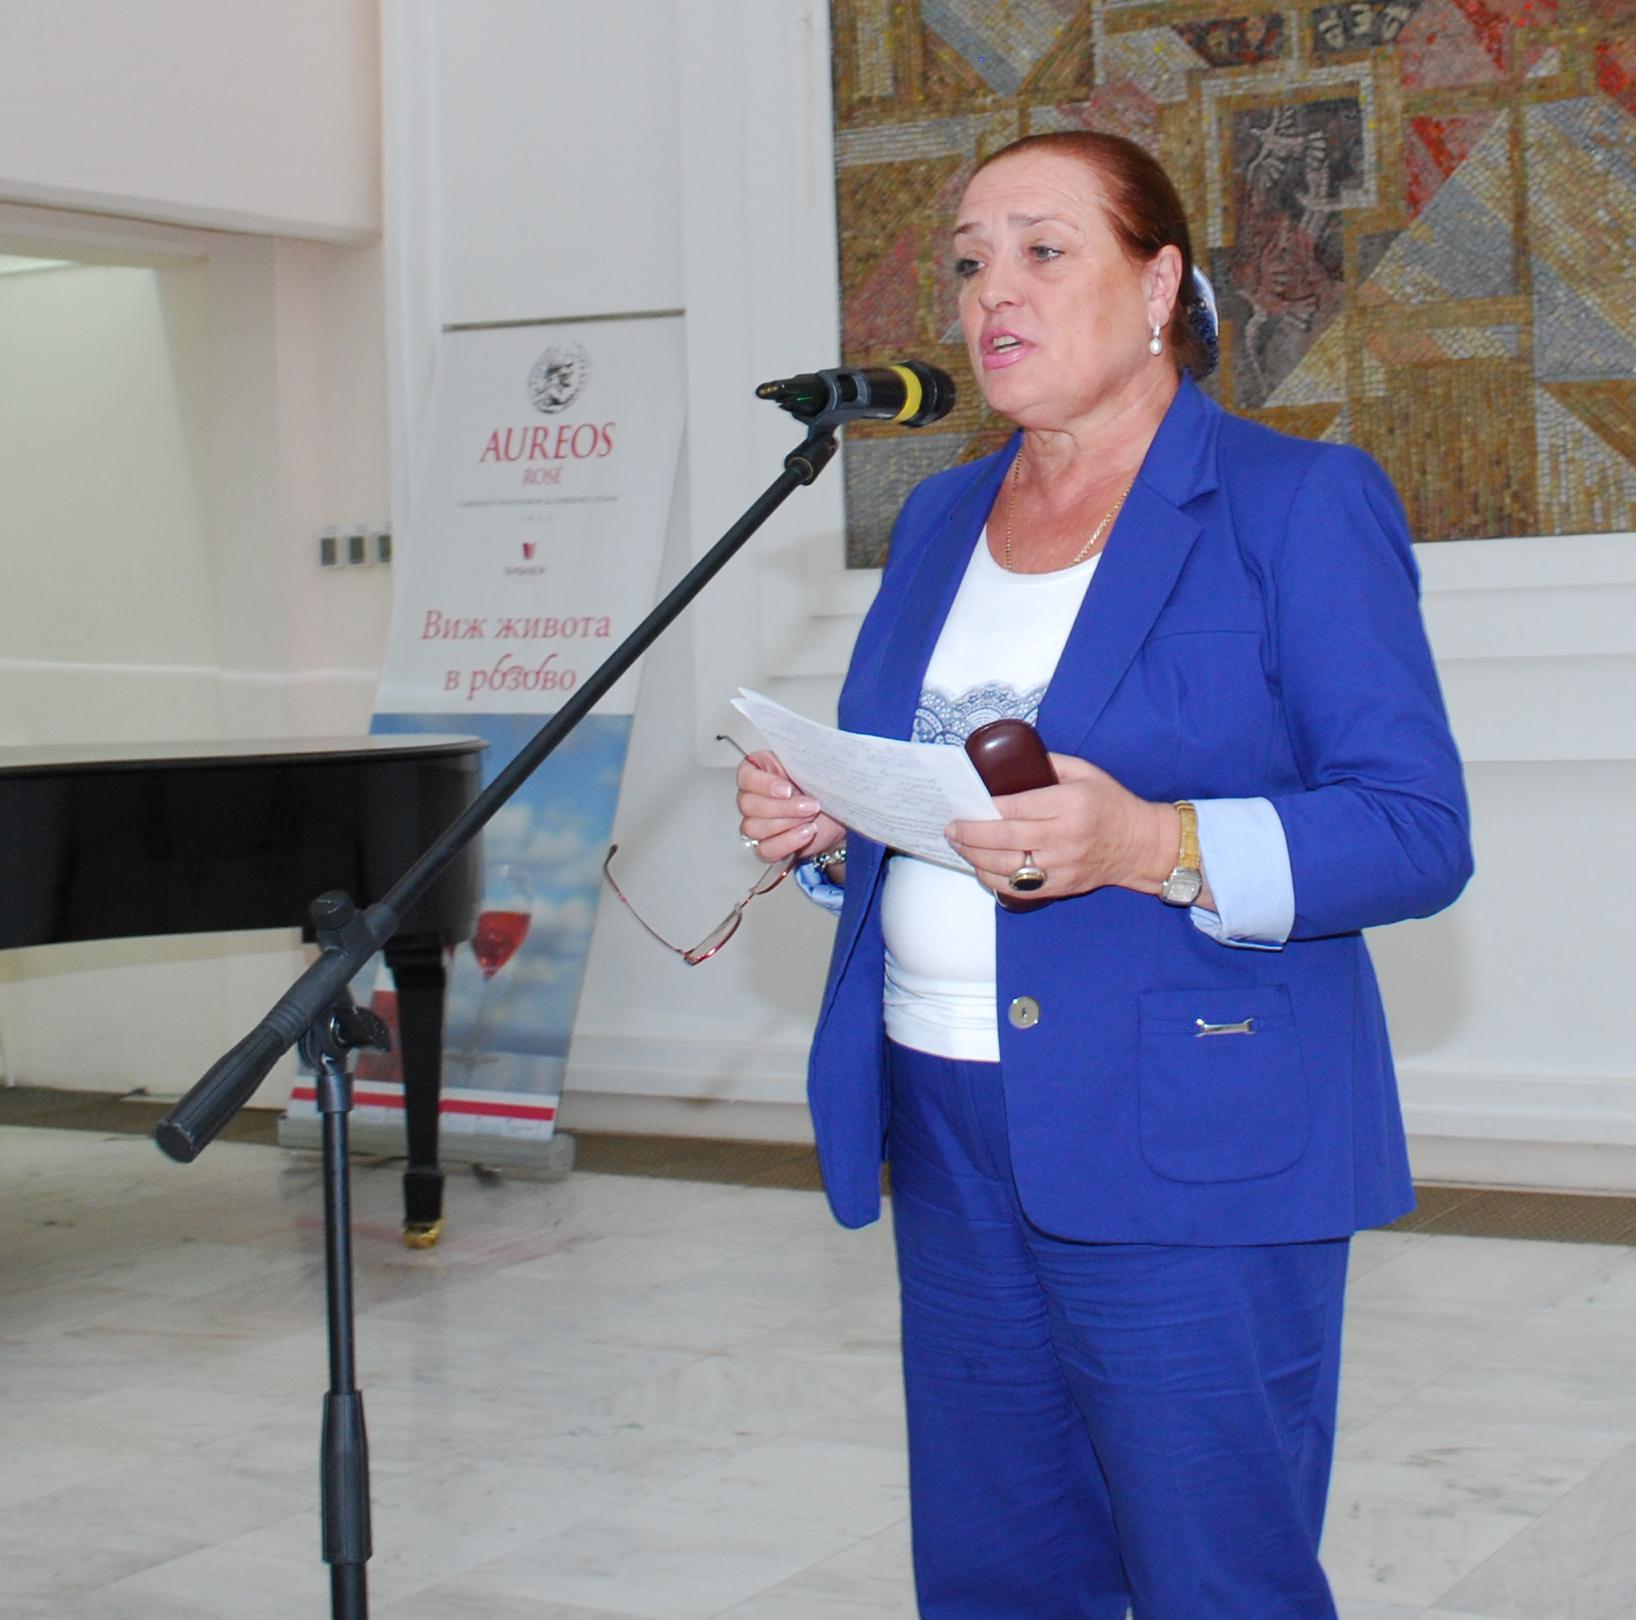 """Елена Лебедева, Русия, председател на Международния клуб на лауреатите на почетния знак на общественото признание """"Сребърен гълъб""""."""